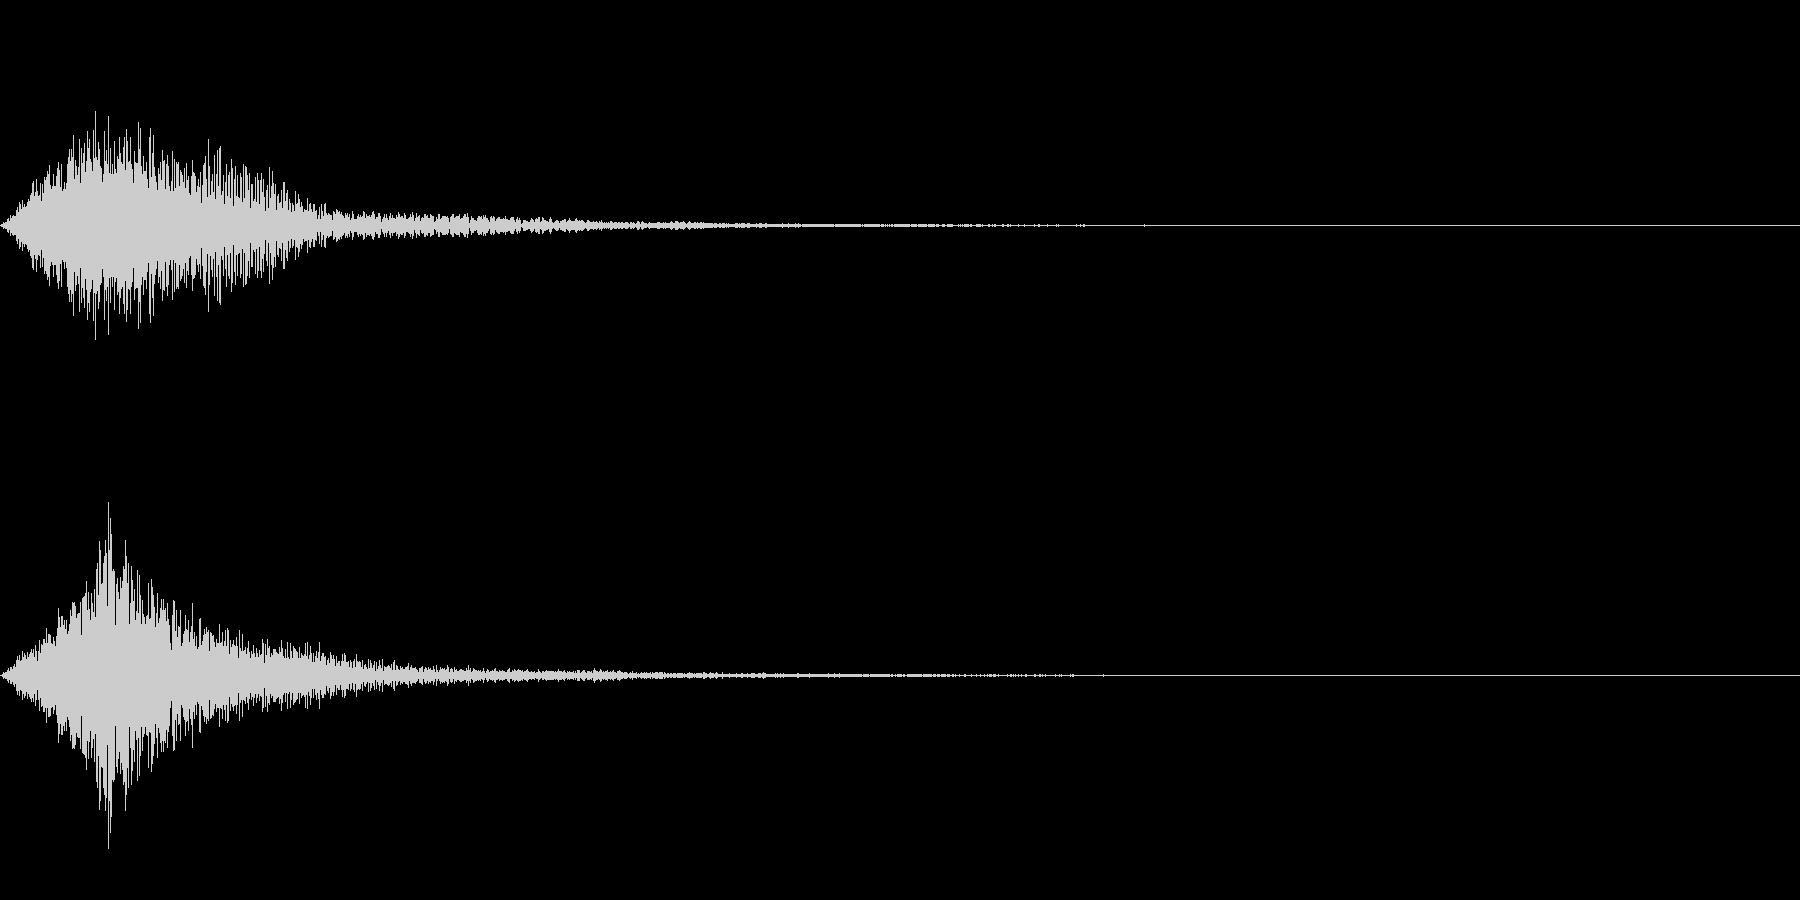 システム音 メニュー エラー_01の未再生の波形